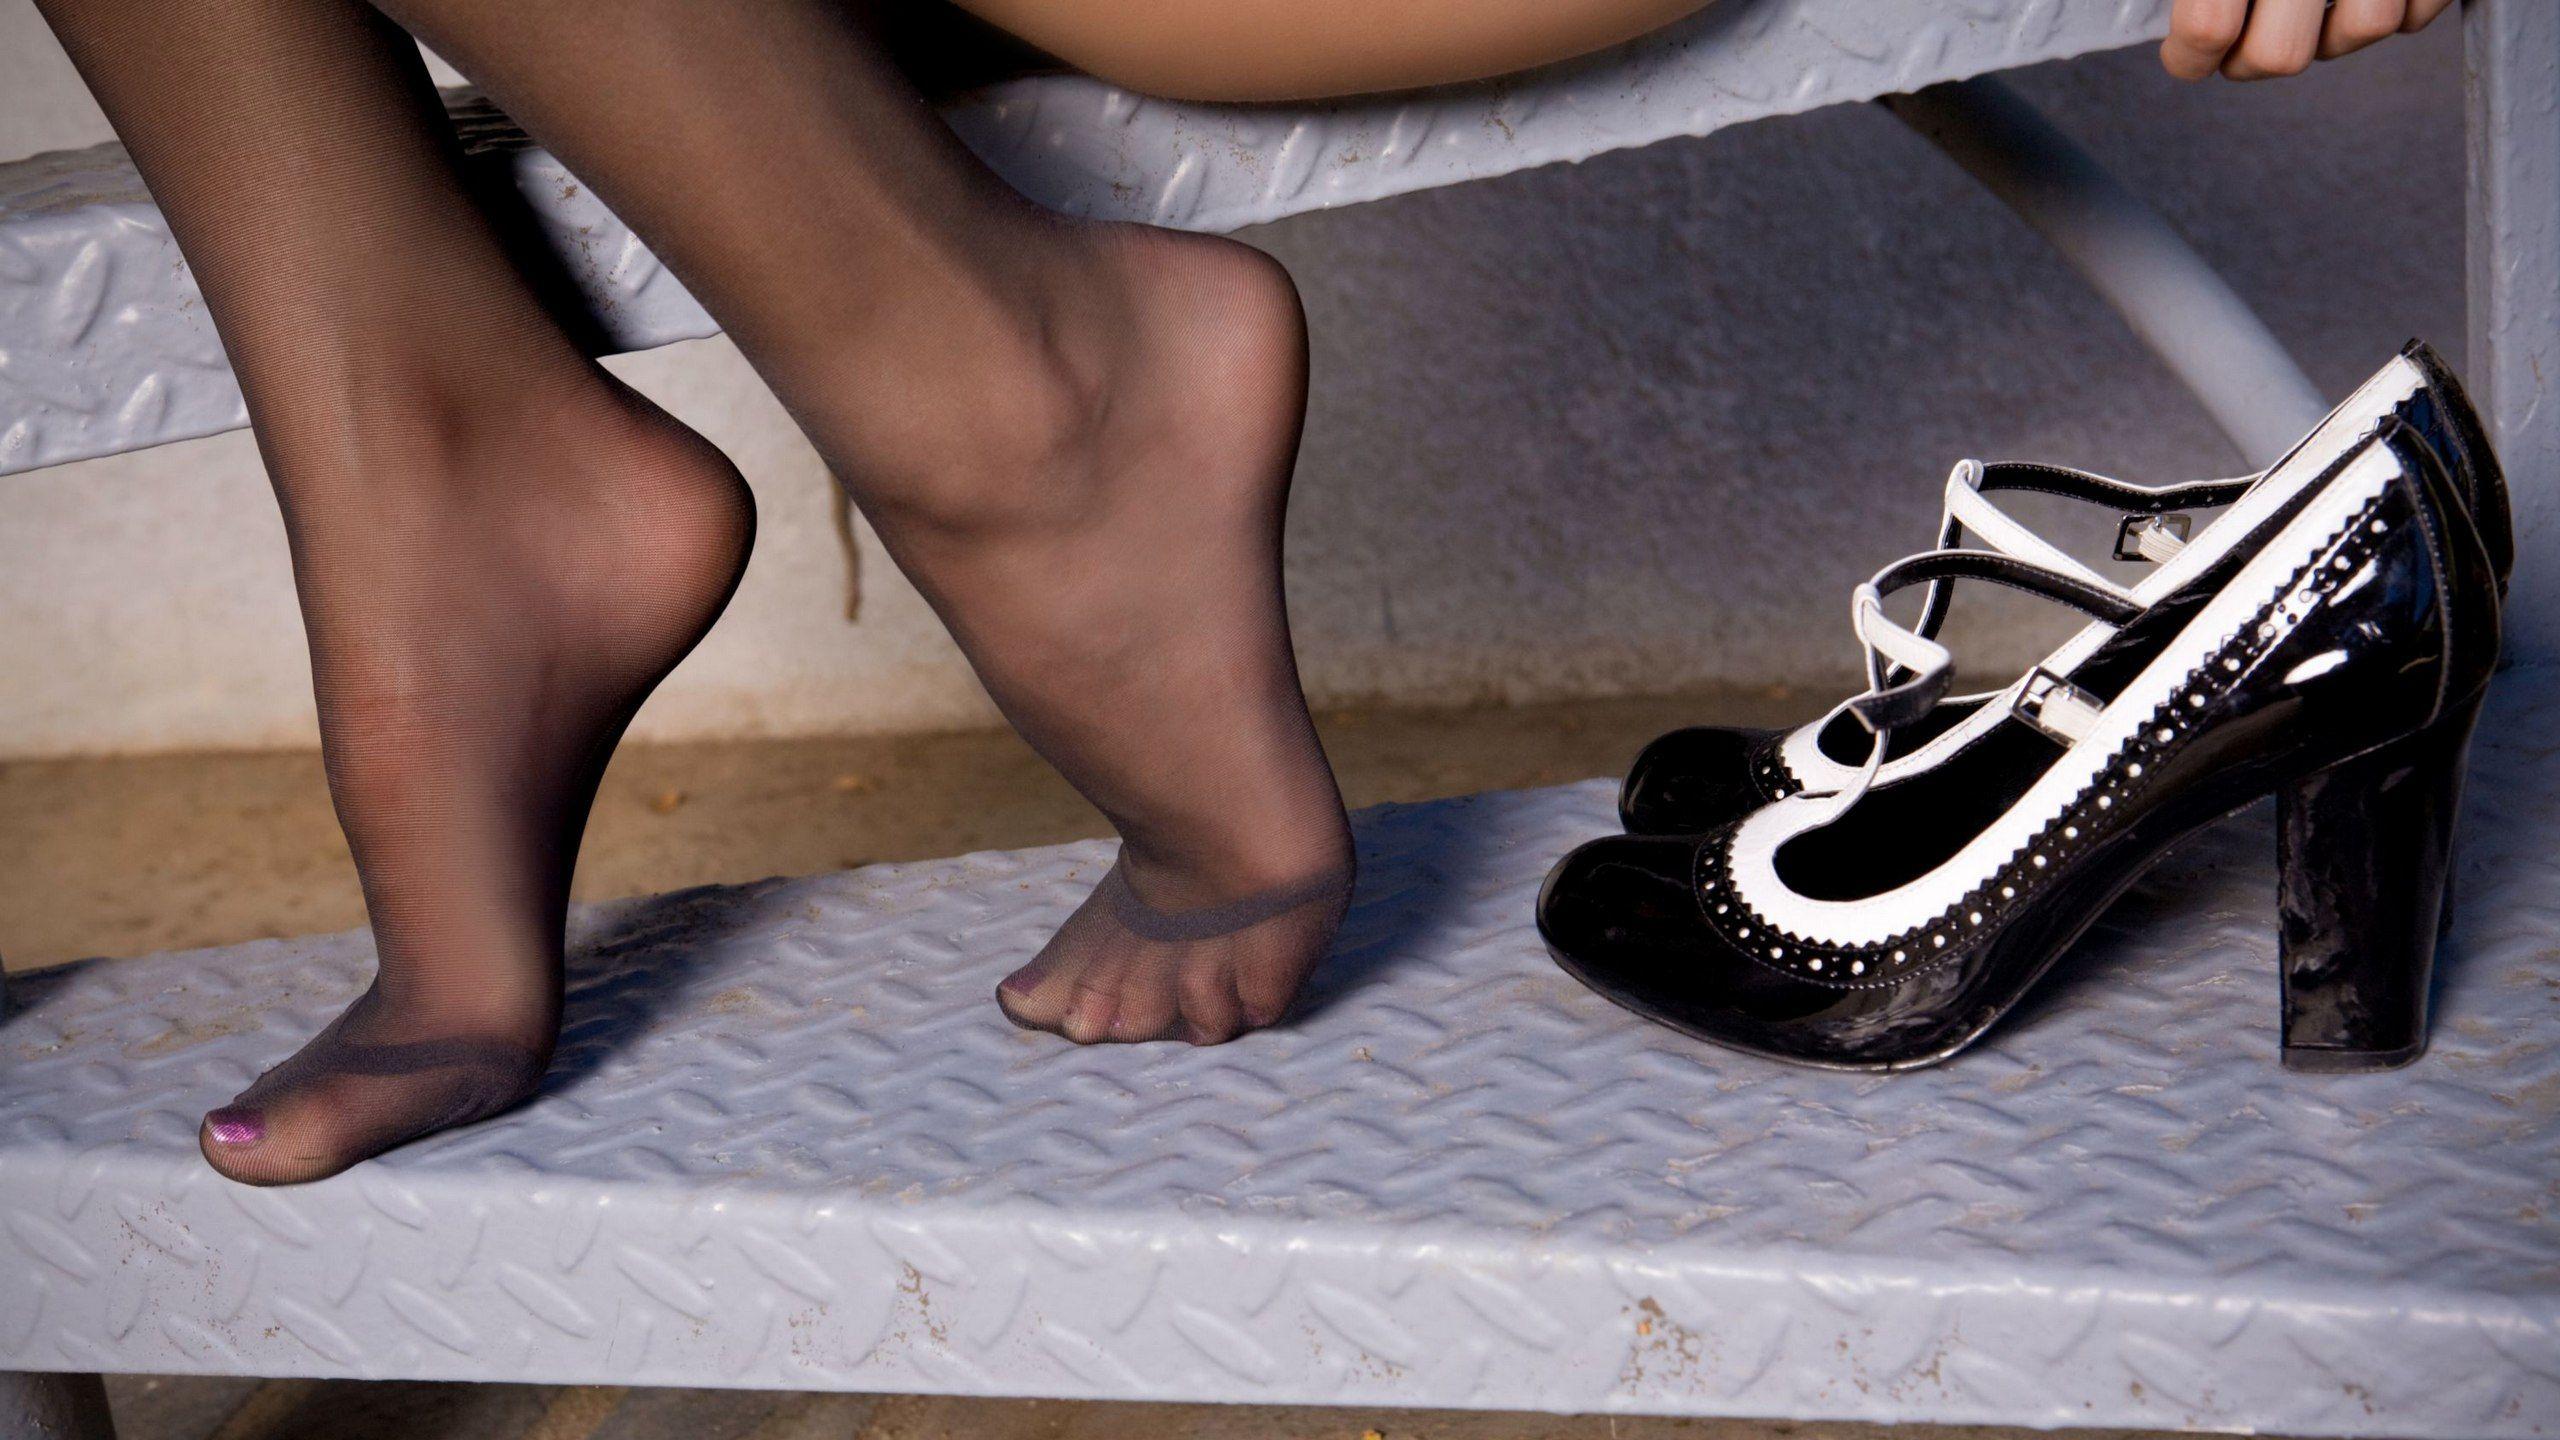 Footjob Stockings 108